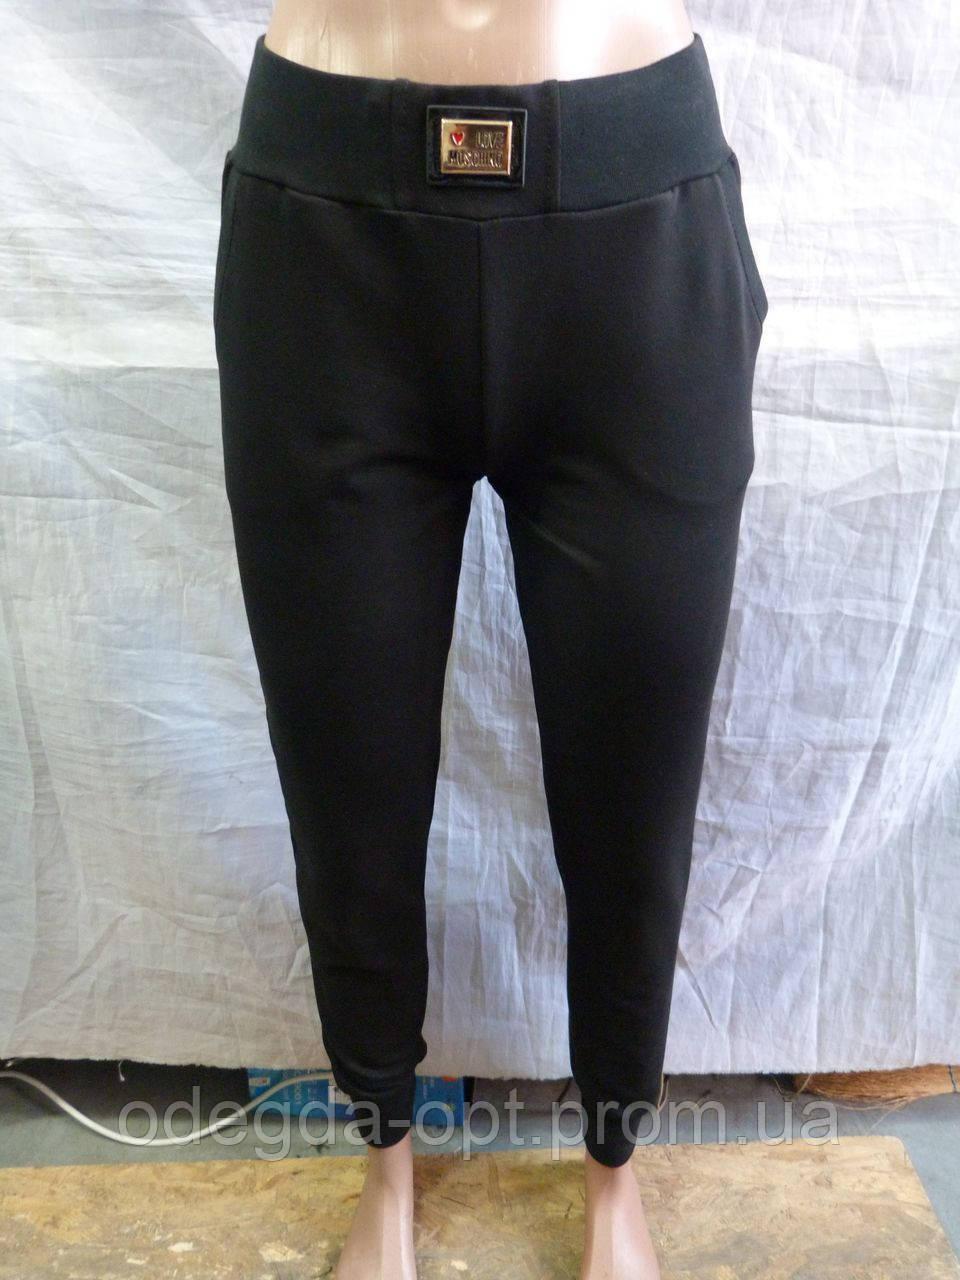 e07e305ef60e9 Женские спортивные штаны S-M-Lтрикотажные купить оптом в Одессе недорого в  разных цветах - Интернет